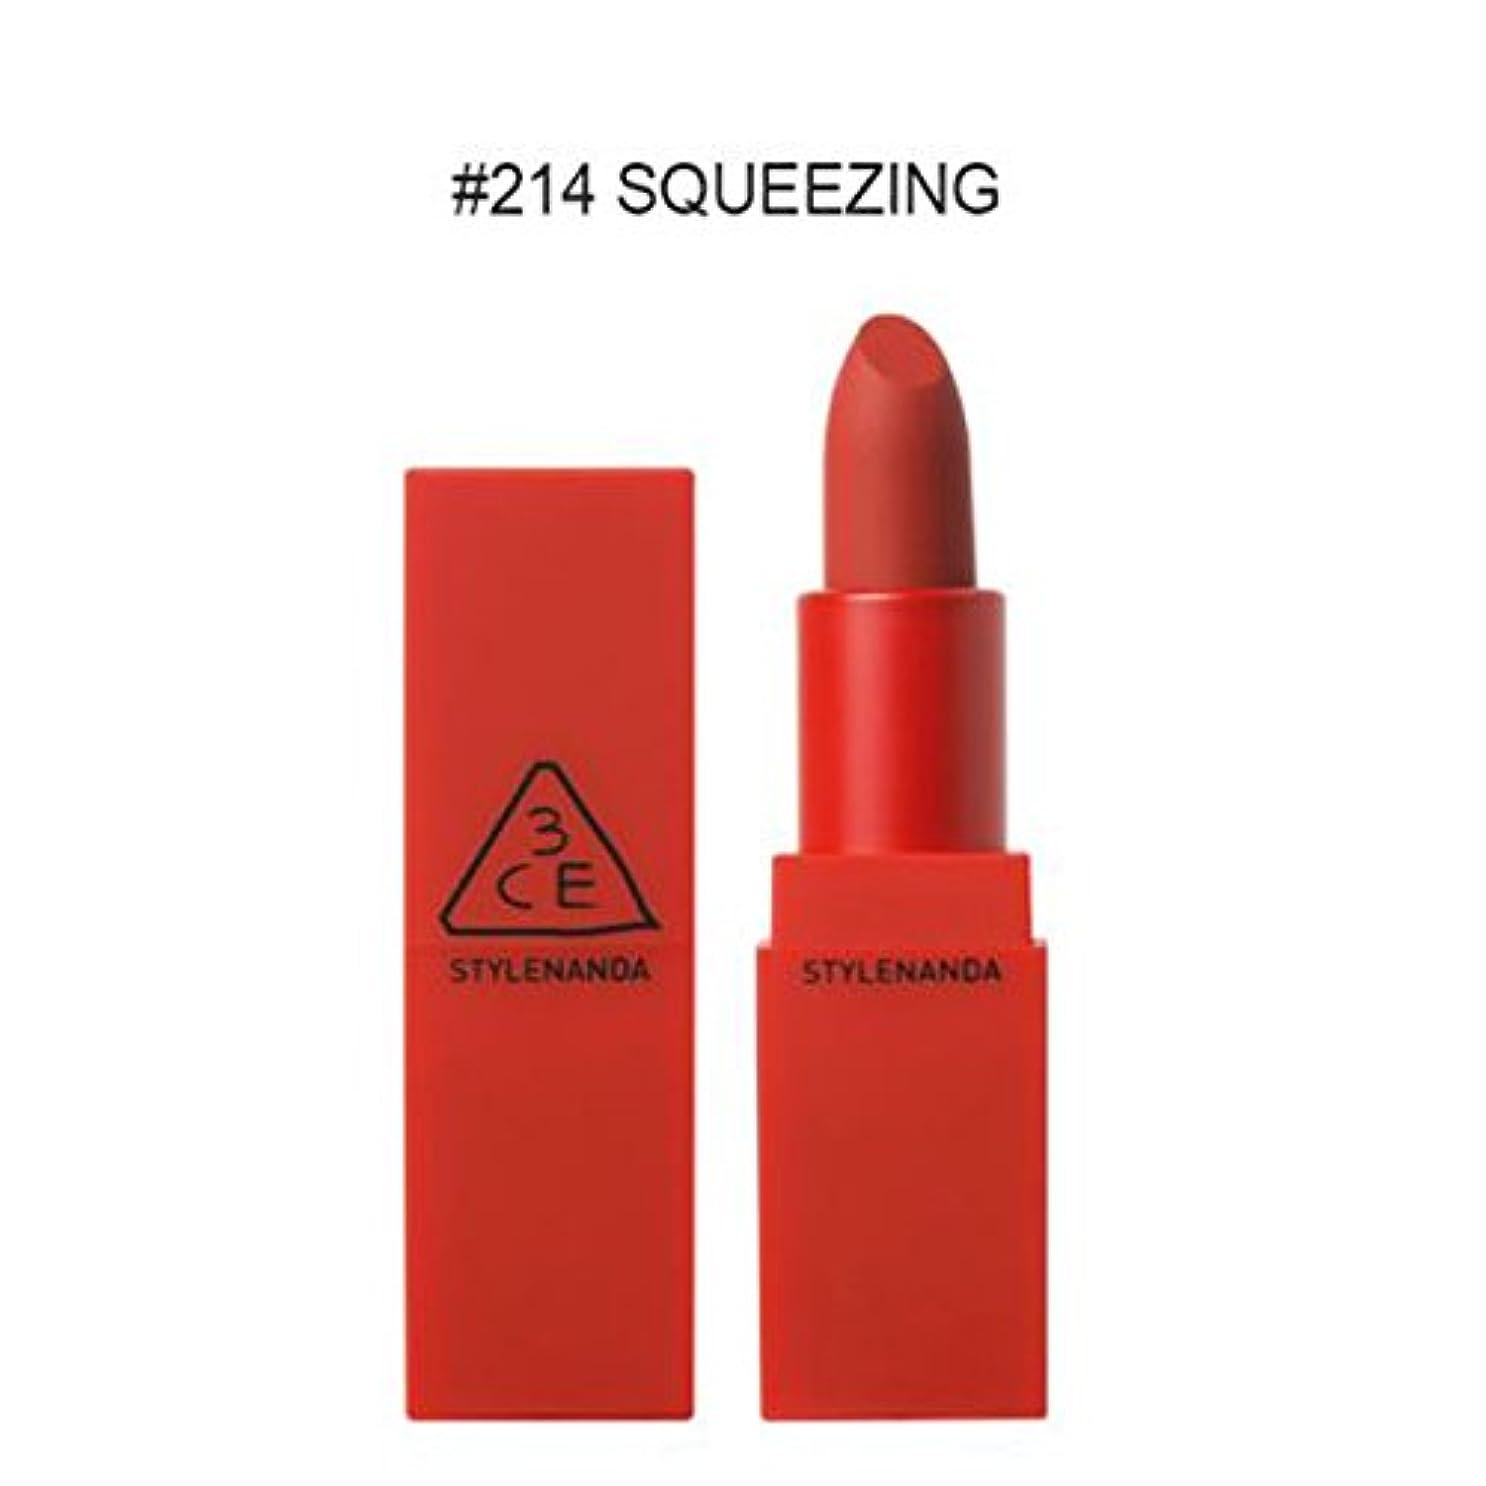 最終的に大腿に賛成【3CE STYLENANDA】 スタイルナンダ ムードレジピ リップ カラー/MATTE / RED/MOOD RECIPE LIP COLOR (#214)